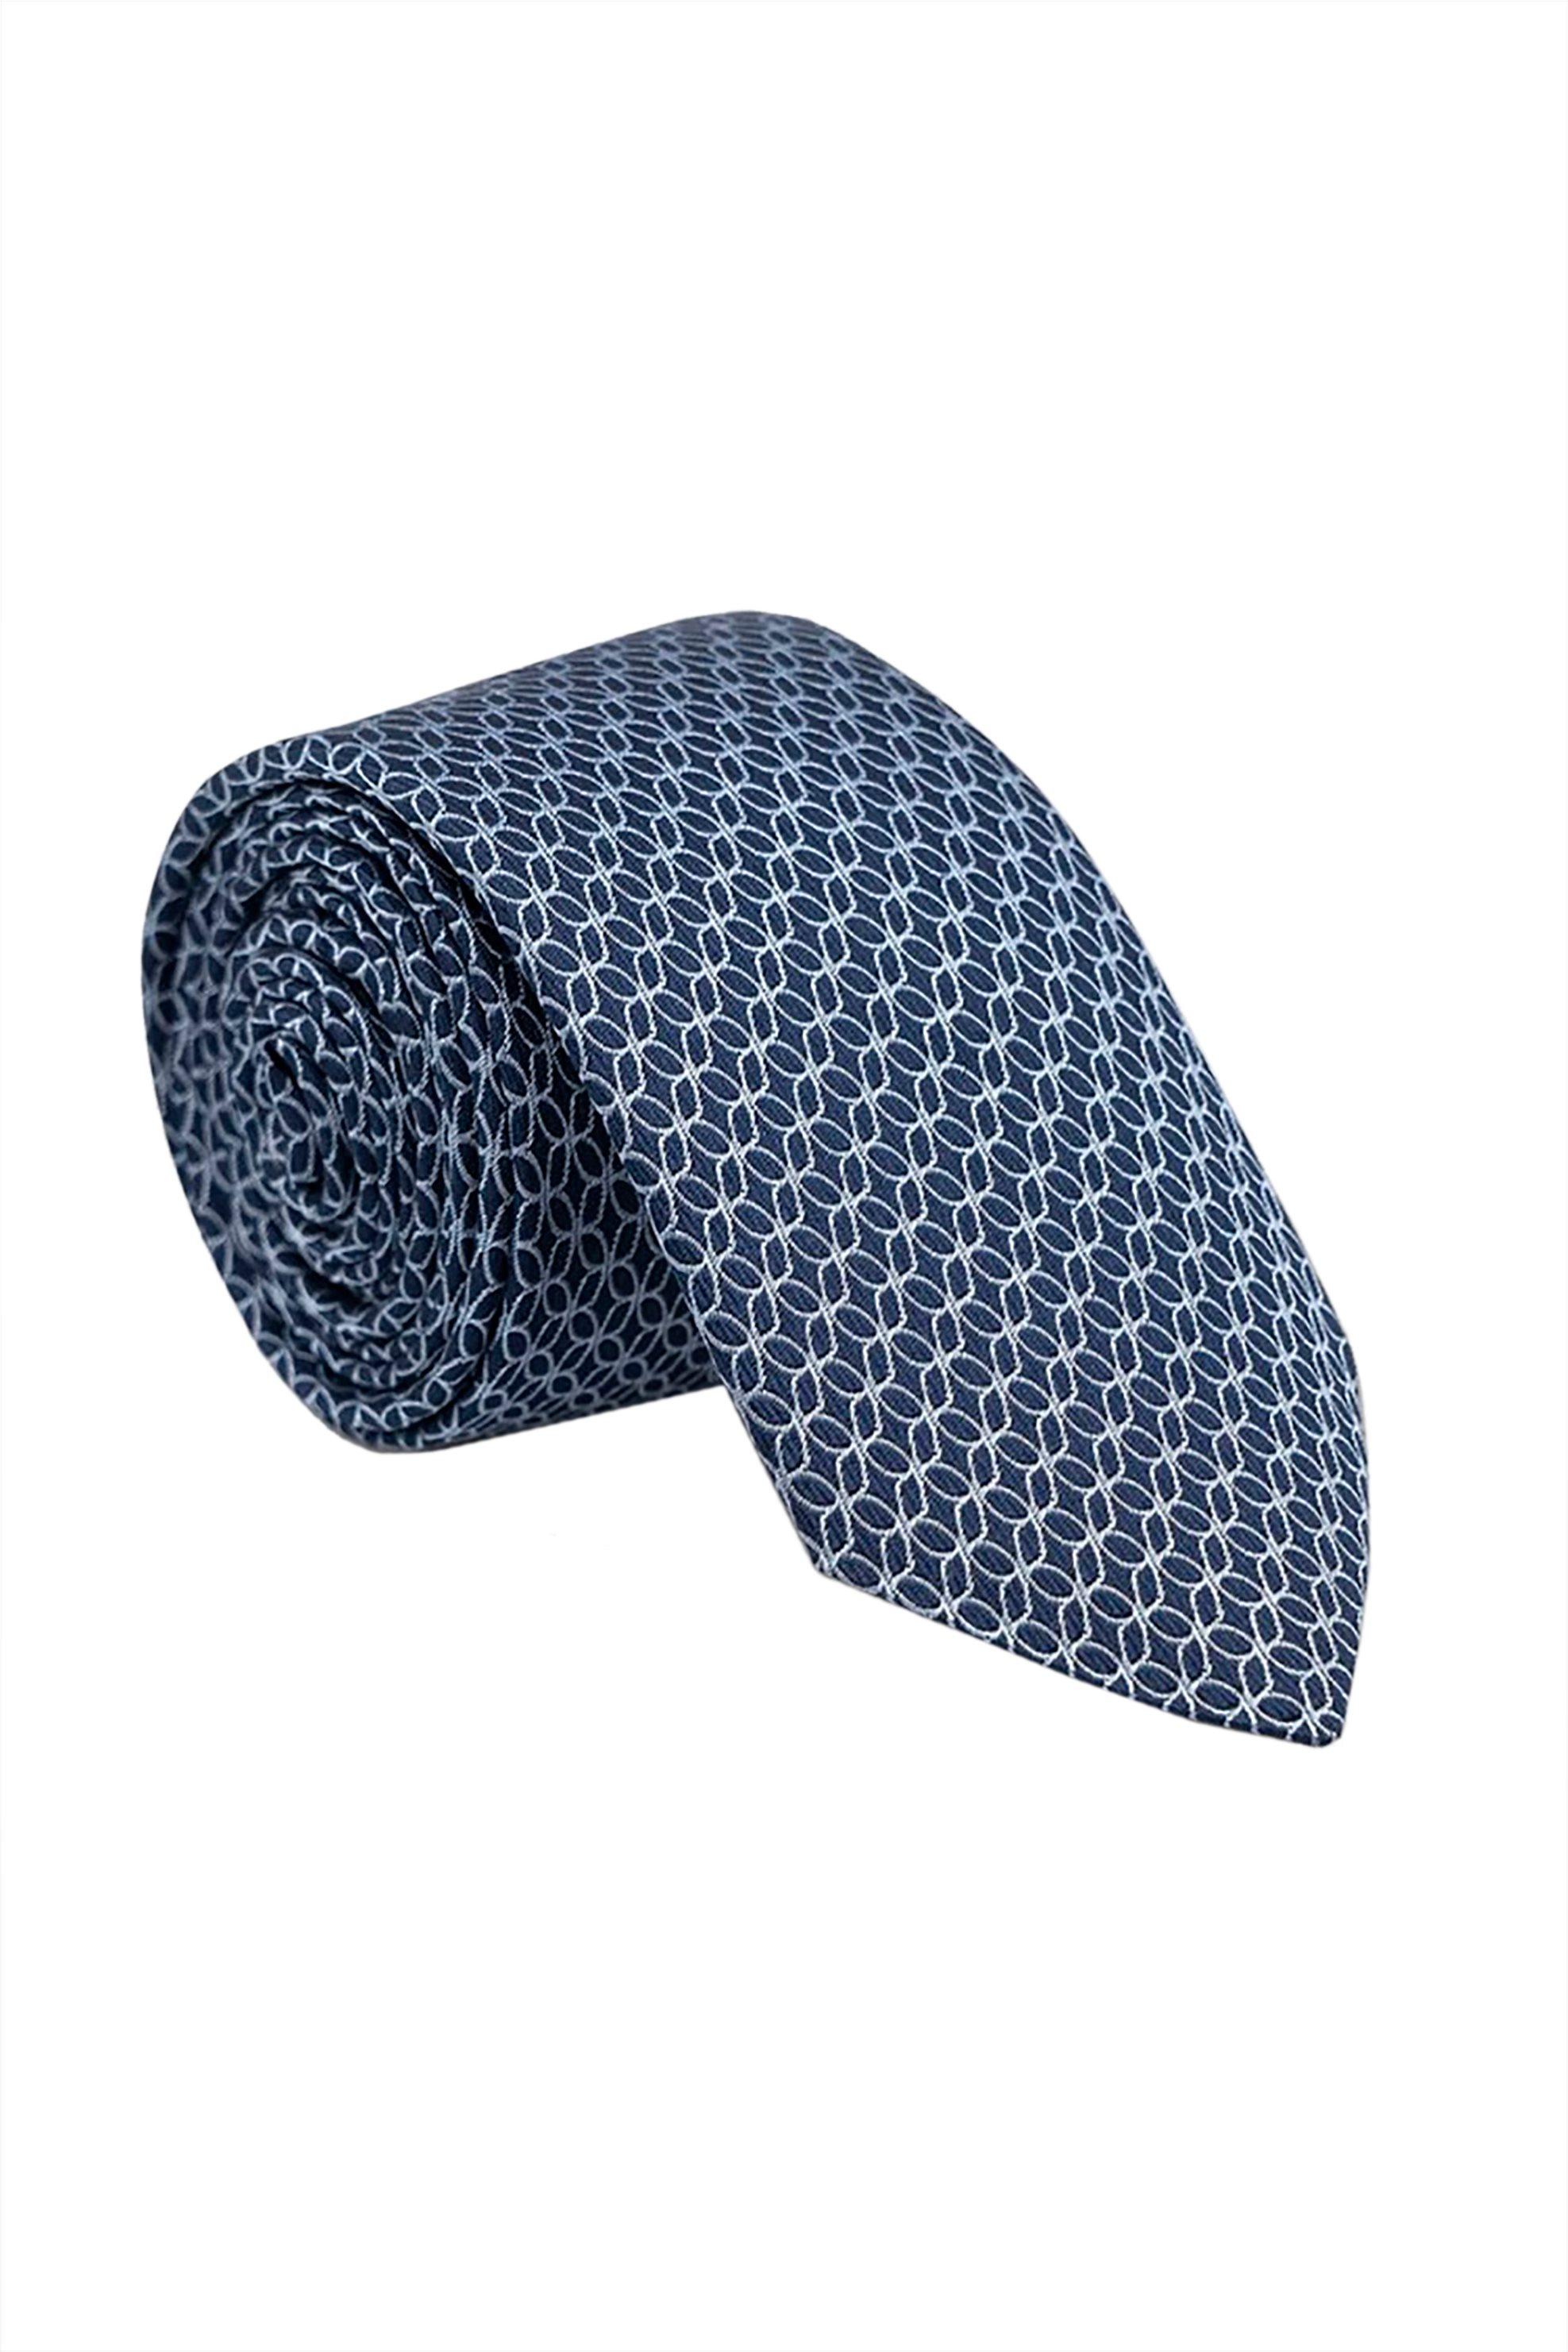 Oxford Company ανδρική μεταξωτή γραβάτα με γεωμετρικό σχέδιο - TIE51-419.01 - Μπλε Σκούρο